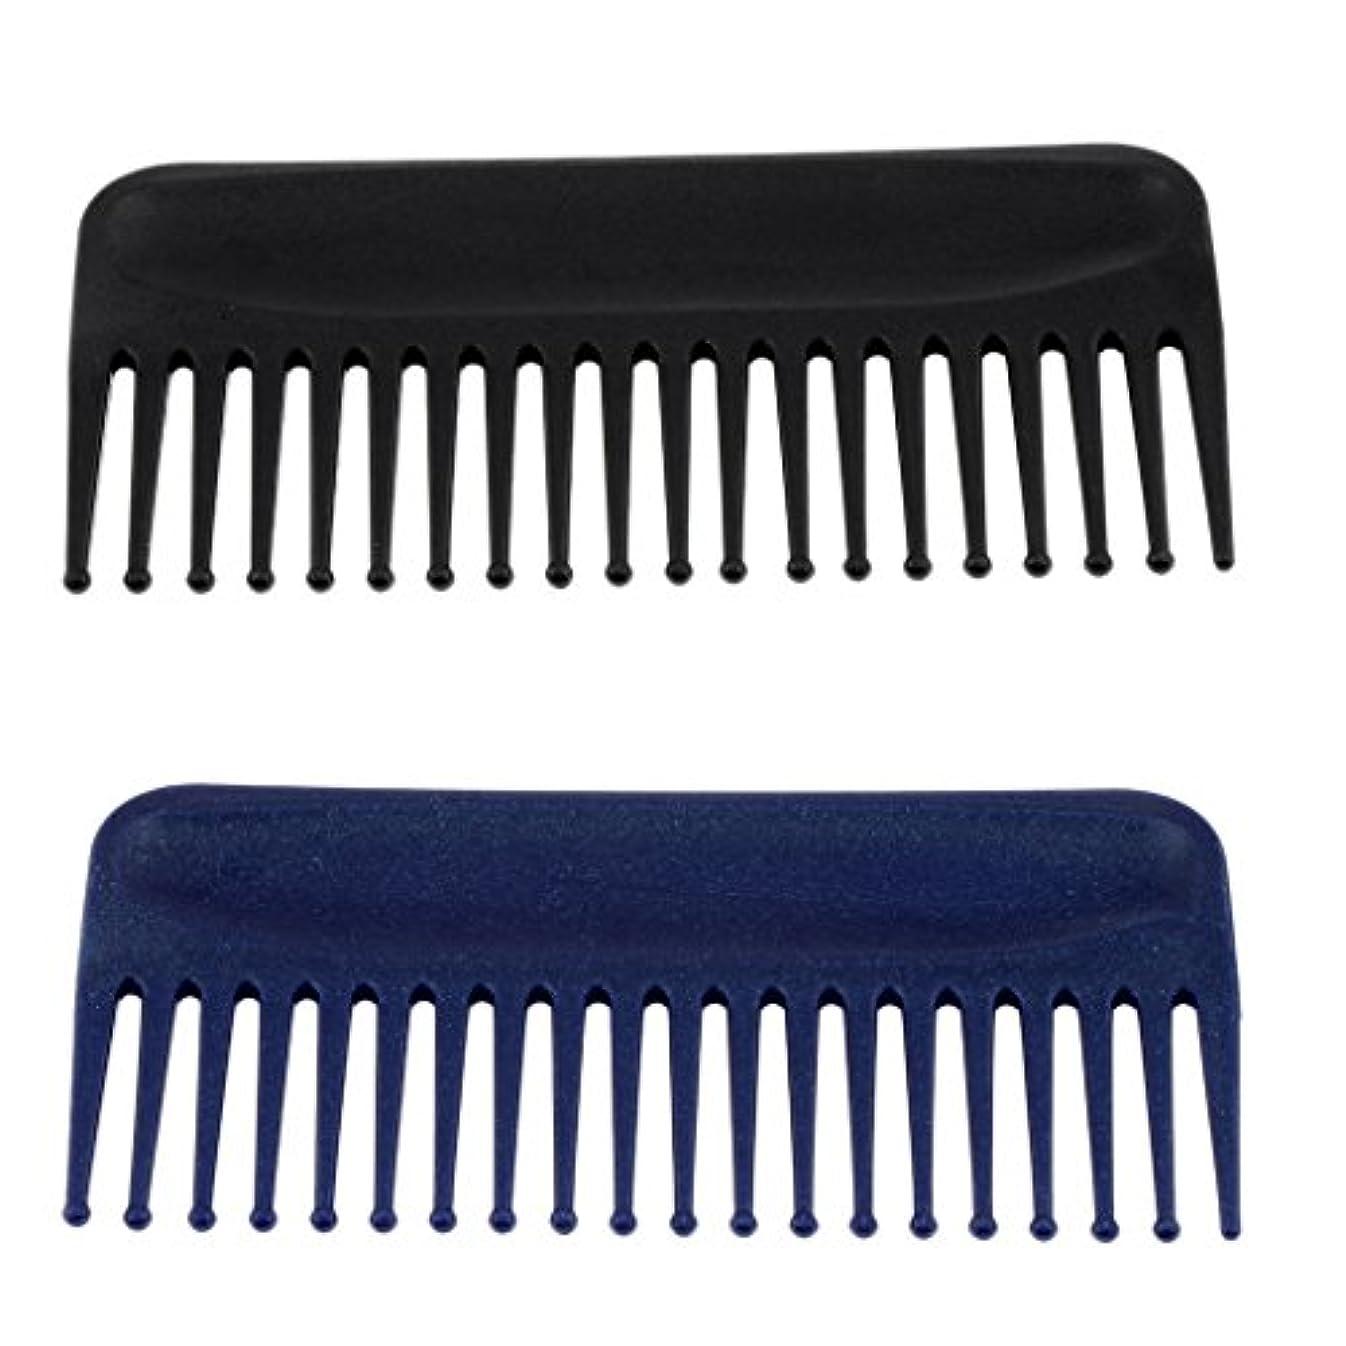 パウダーレンドトーストヘアコーム くし 櫛 ヘアブラシ 頭皮マッサージ 静電気防止 美髪ケア 快適 プラスチック製 2個